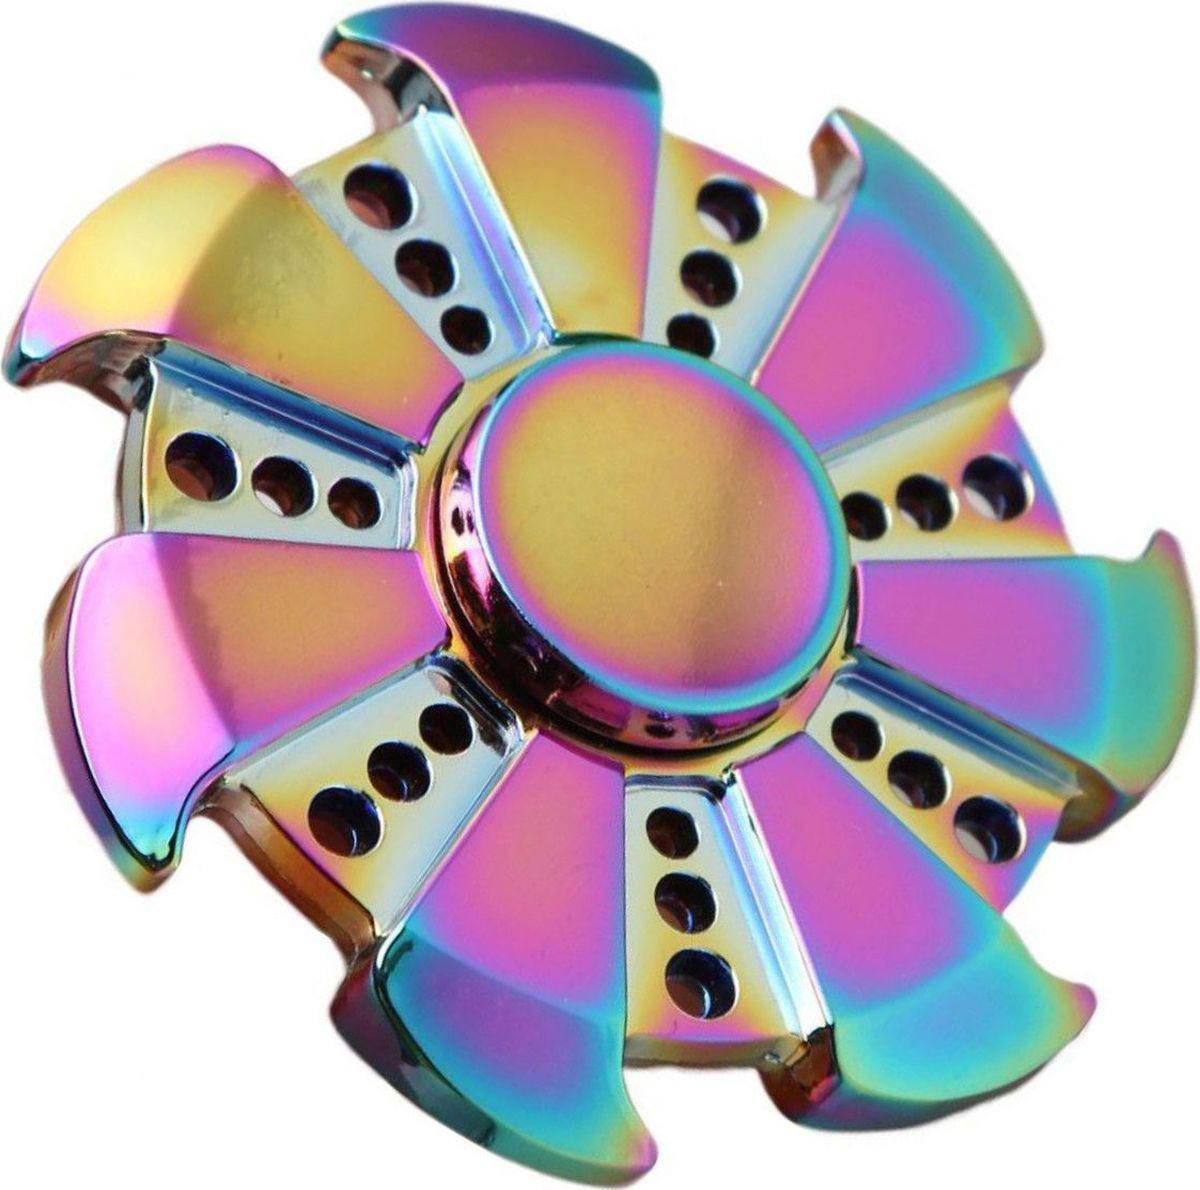 TipTop Спиннер-экзотика Колесо цвет радужный ВР-00000947 tiptop спиннер экзотика клевер цвет радужный